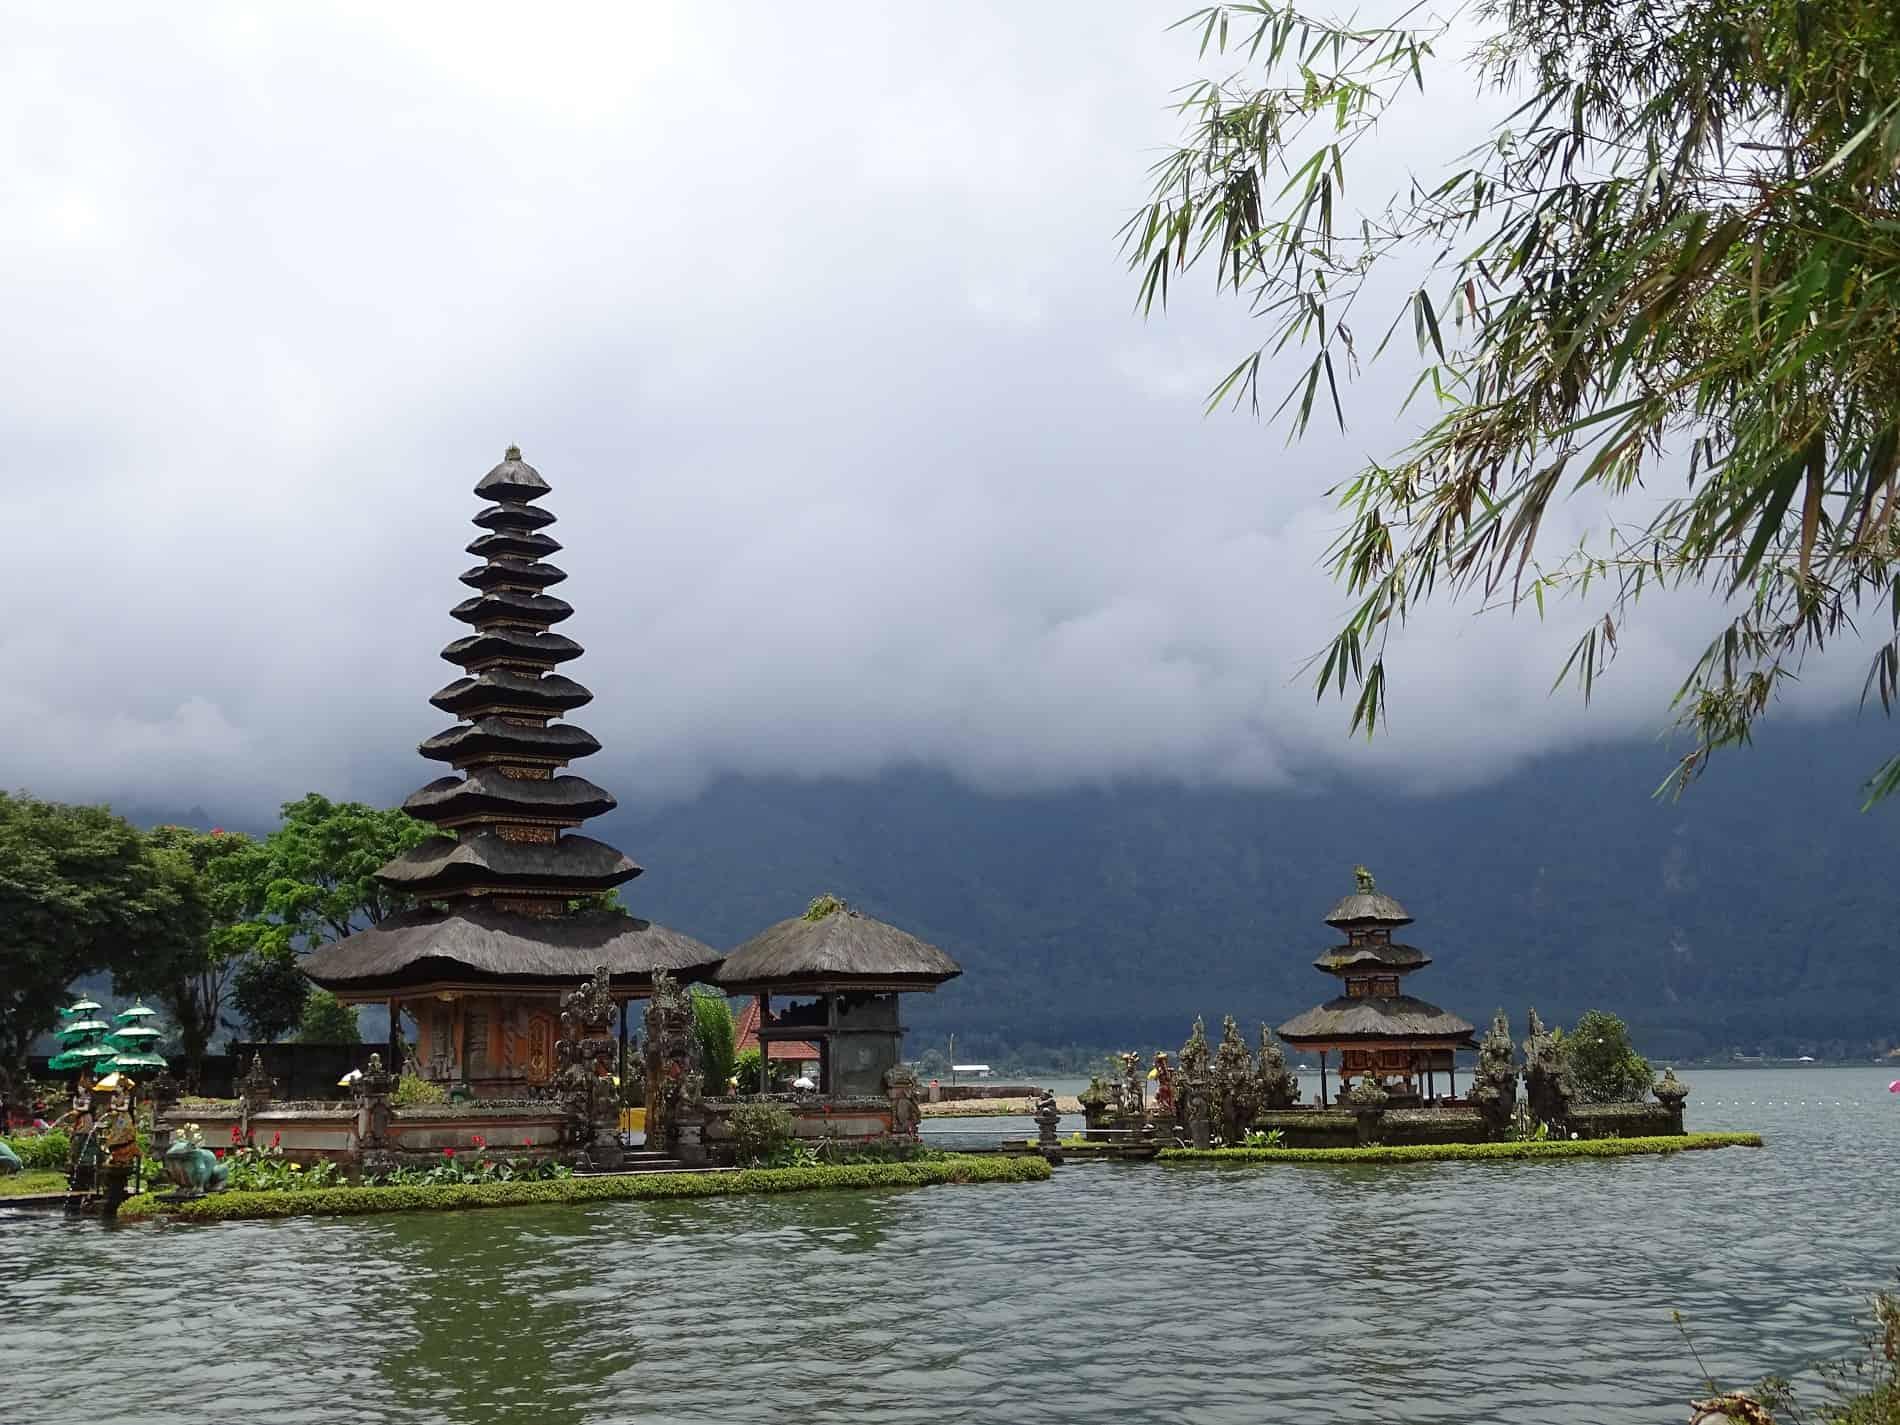 De Ulun Danu Bratan is een Balinese Pura, een hindoeïstische tempel op Bali